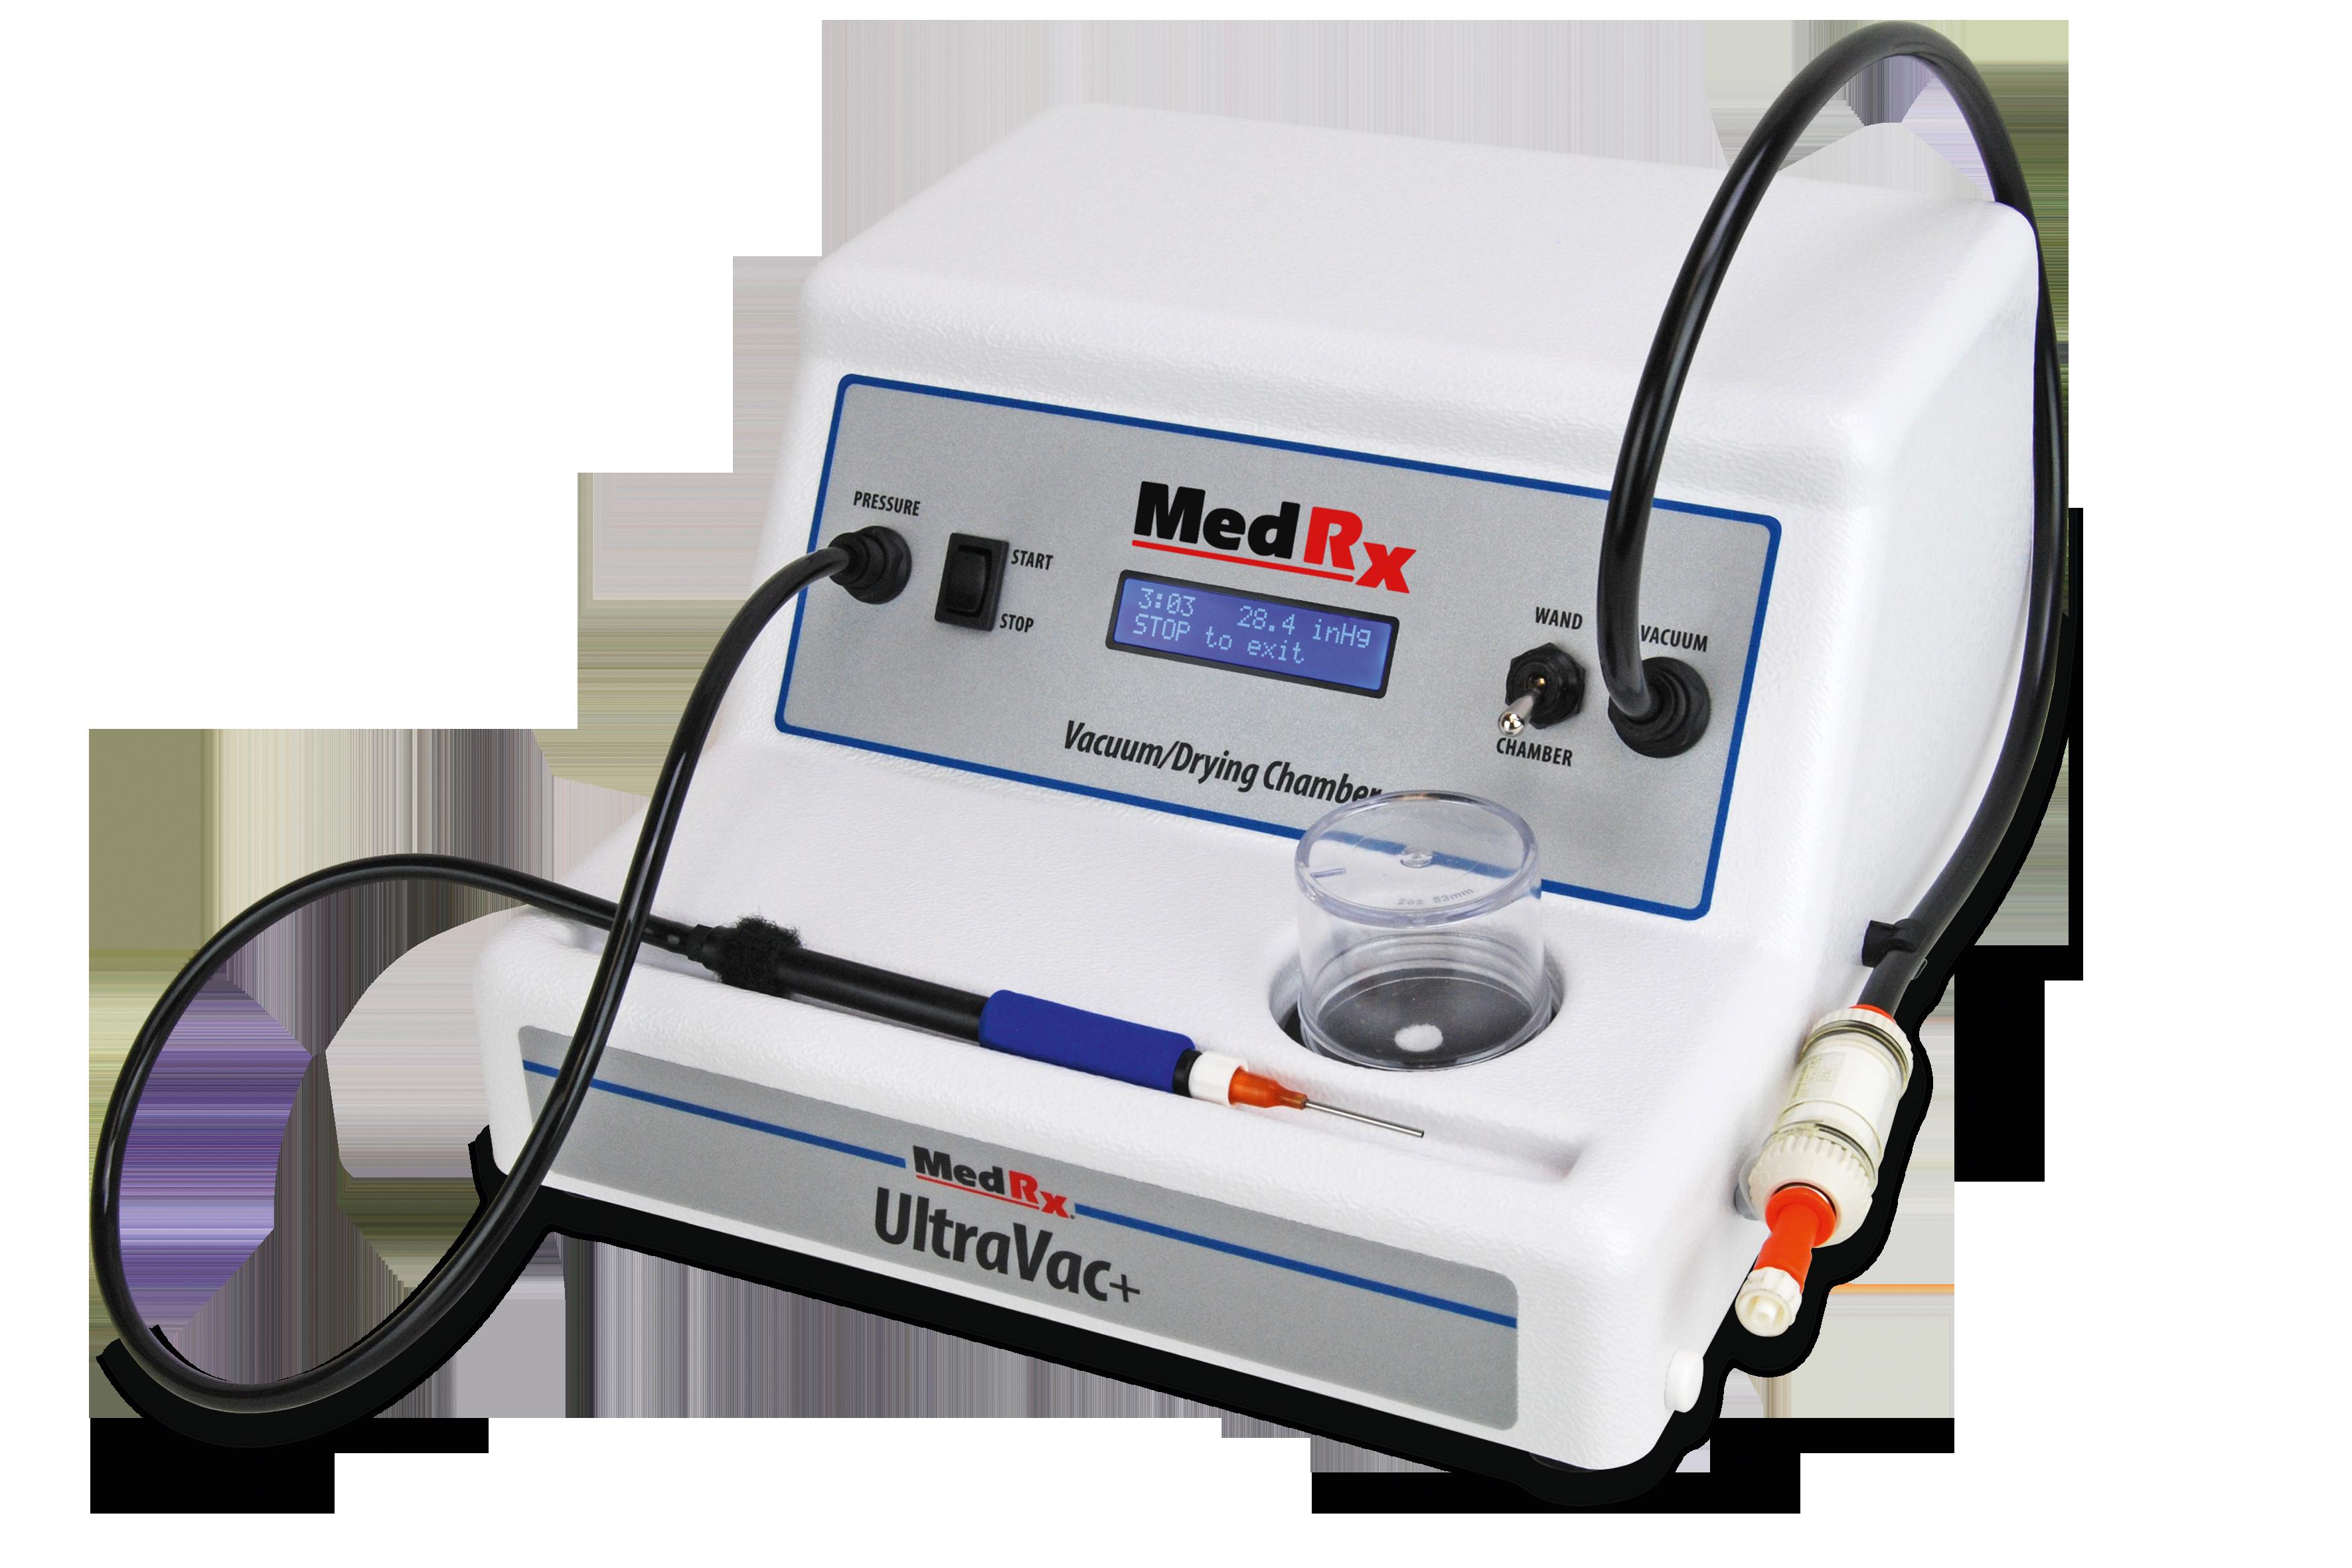 MedRx Ultravac